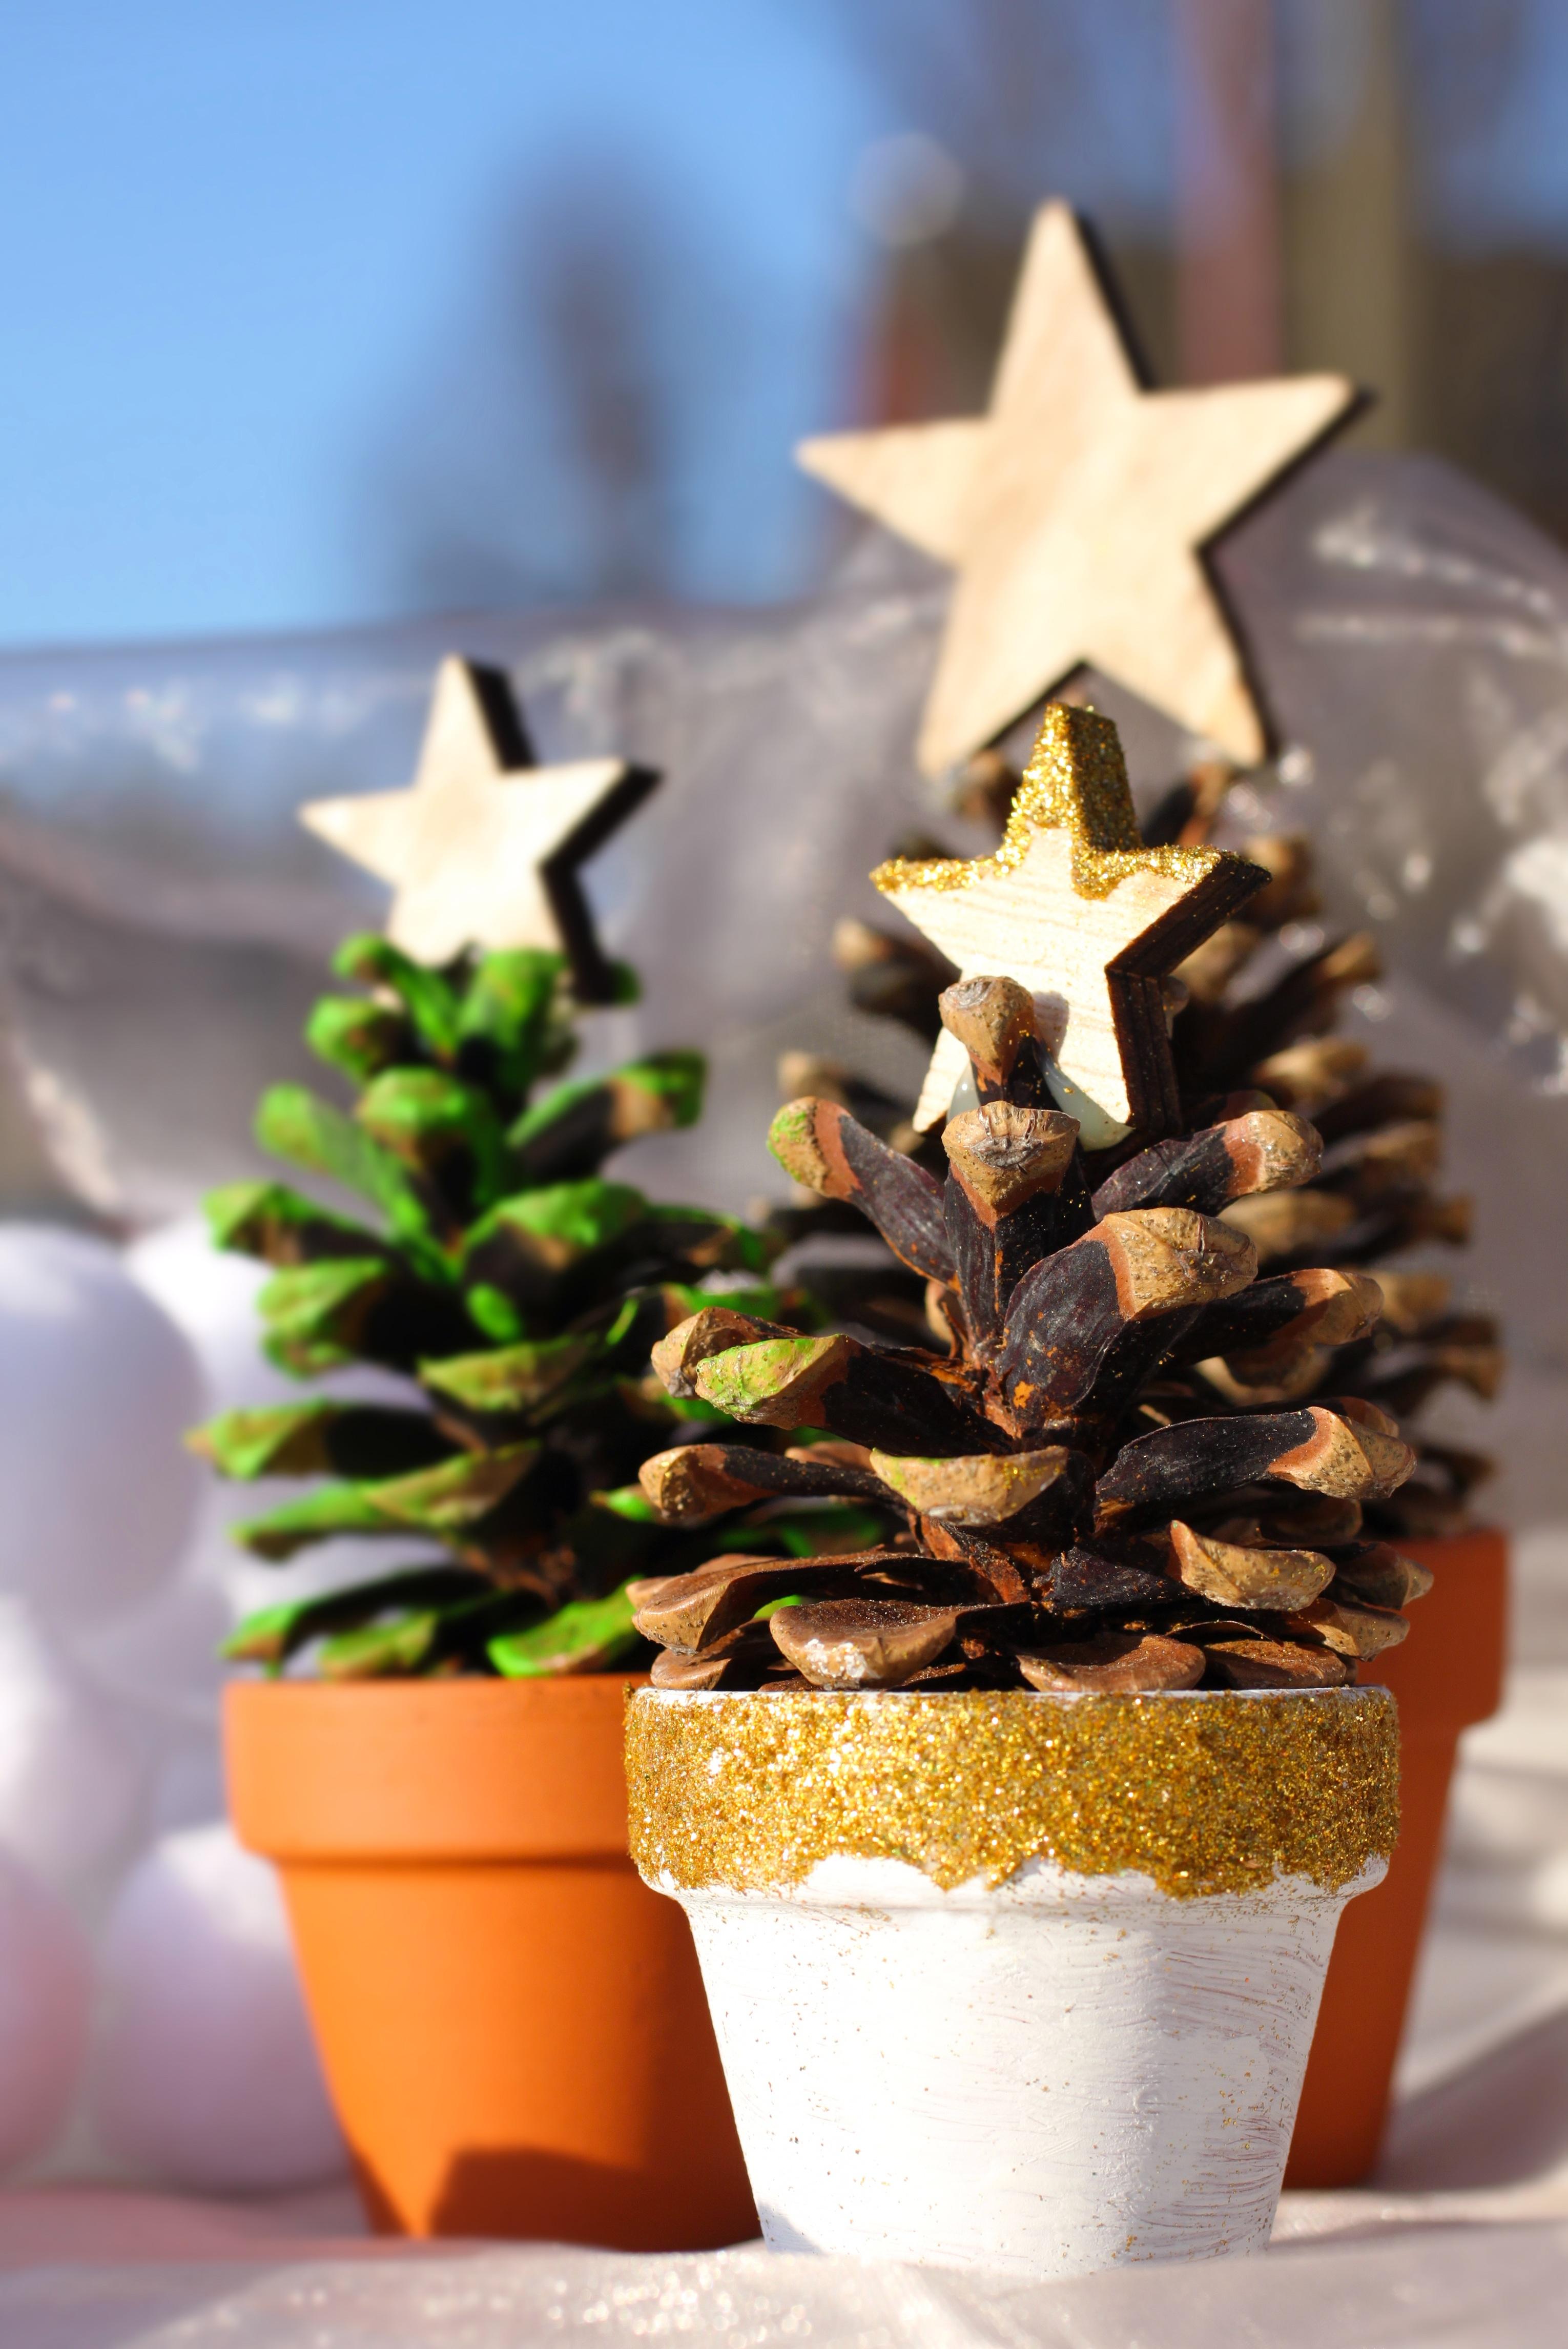 hiver plante toile feuille fleur pot clairage arbre de nol briller dco avnement dcoration de nol priode de nol pot en terre cuite - Decoration De Pot En Terre Cuite